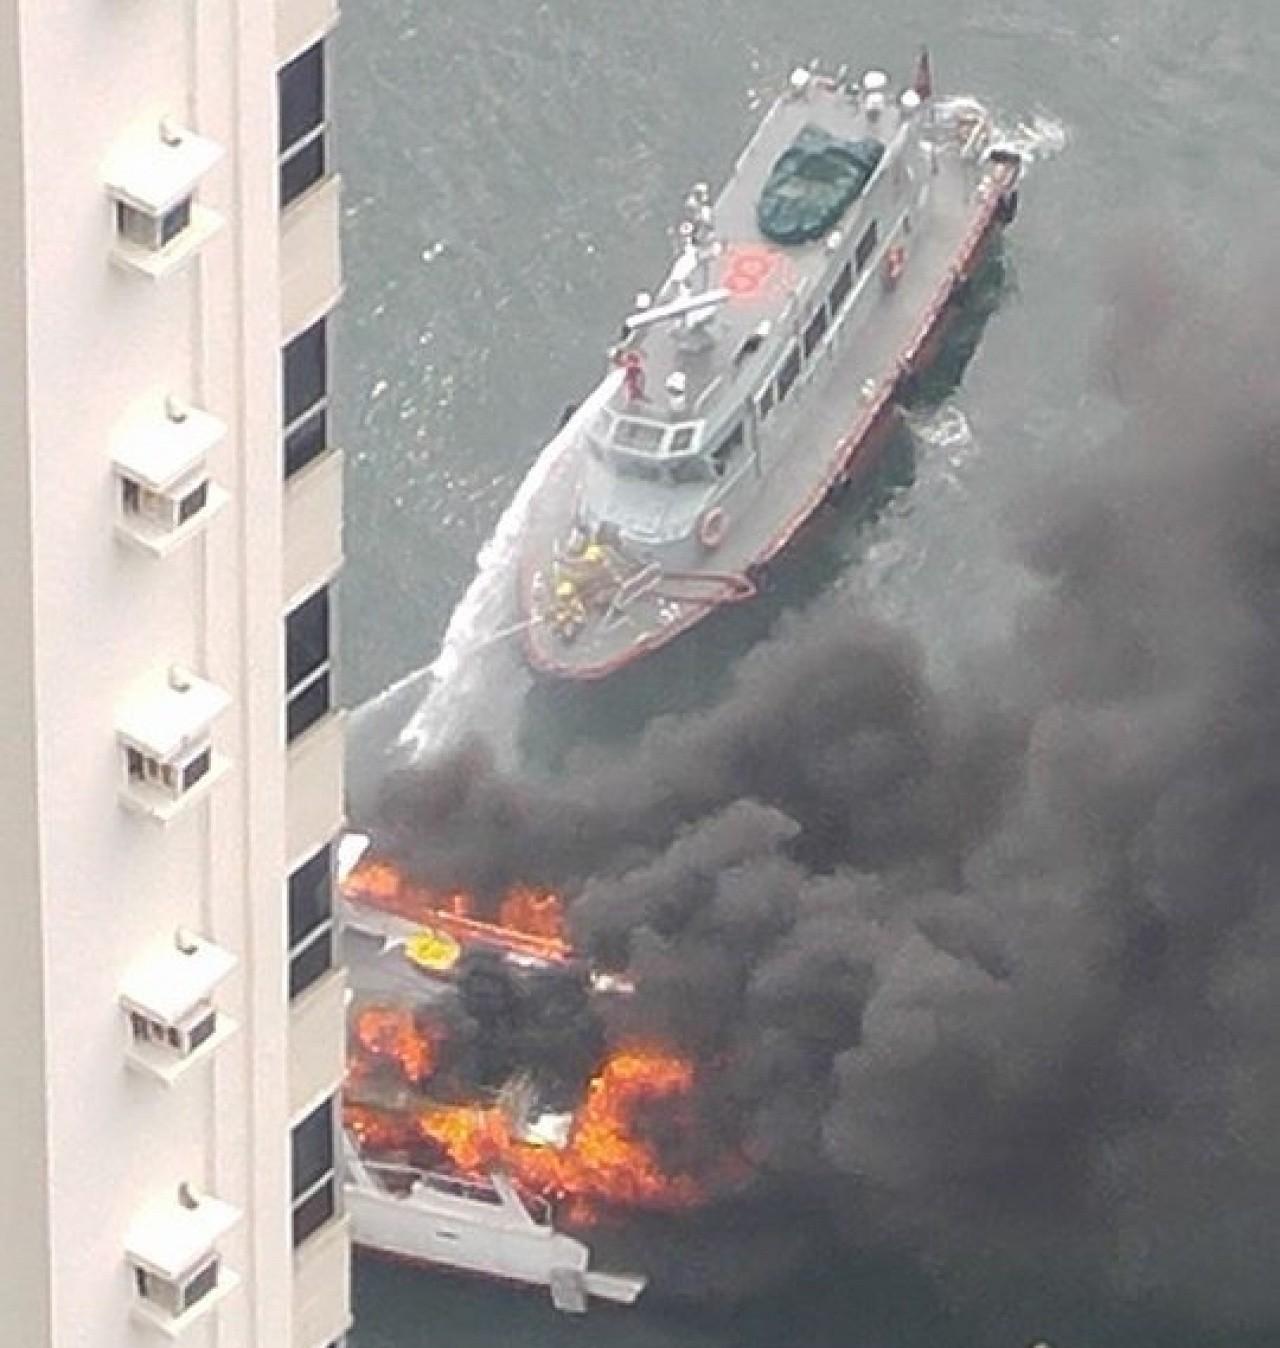 有限公司,起火原因,救护车,消防员,避风塘 香港筲箕湾又一18米游艇起火焚毁|游艇消防不可不查 99dbee32c208de8d3765d228e21167b7.jpg